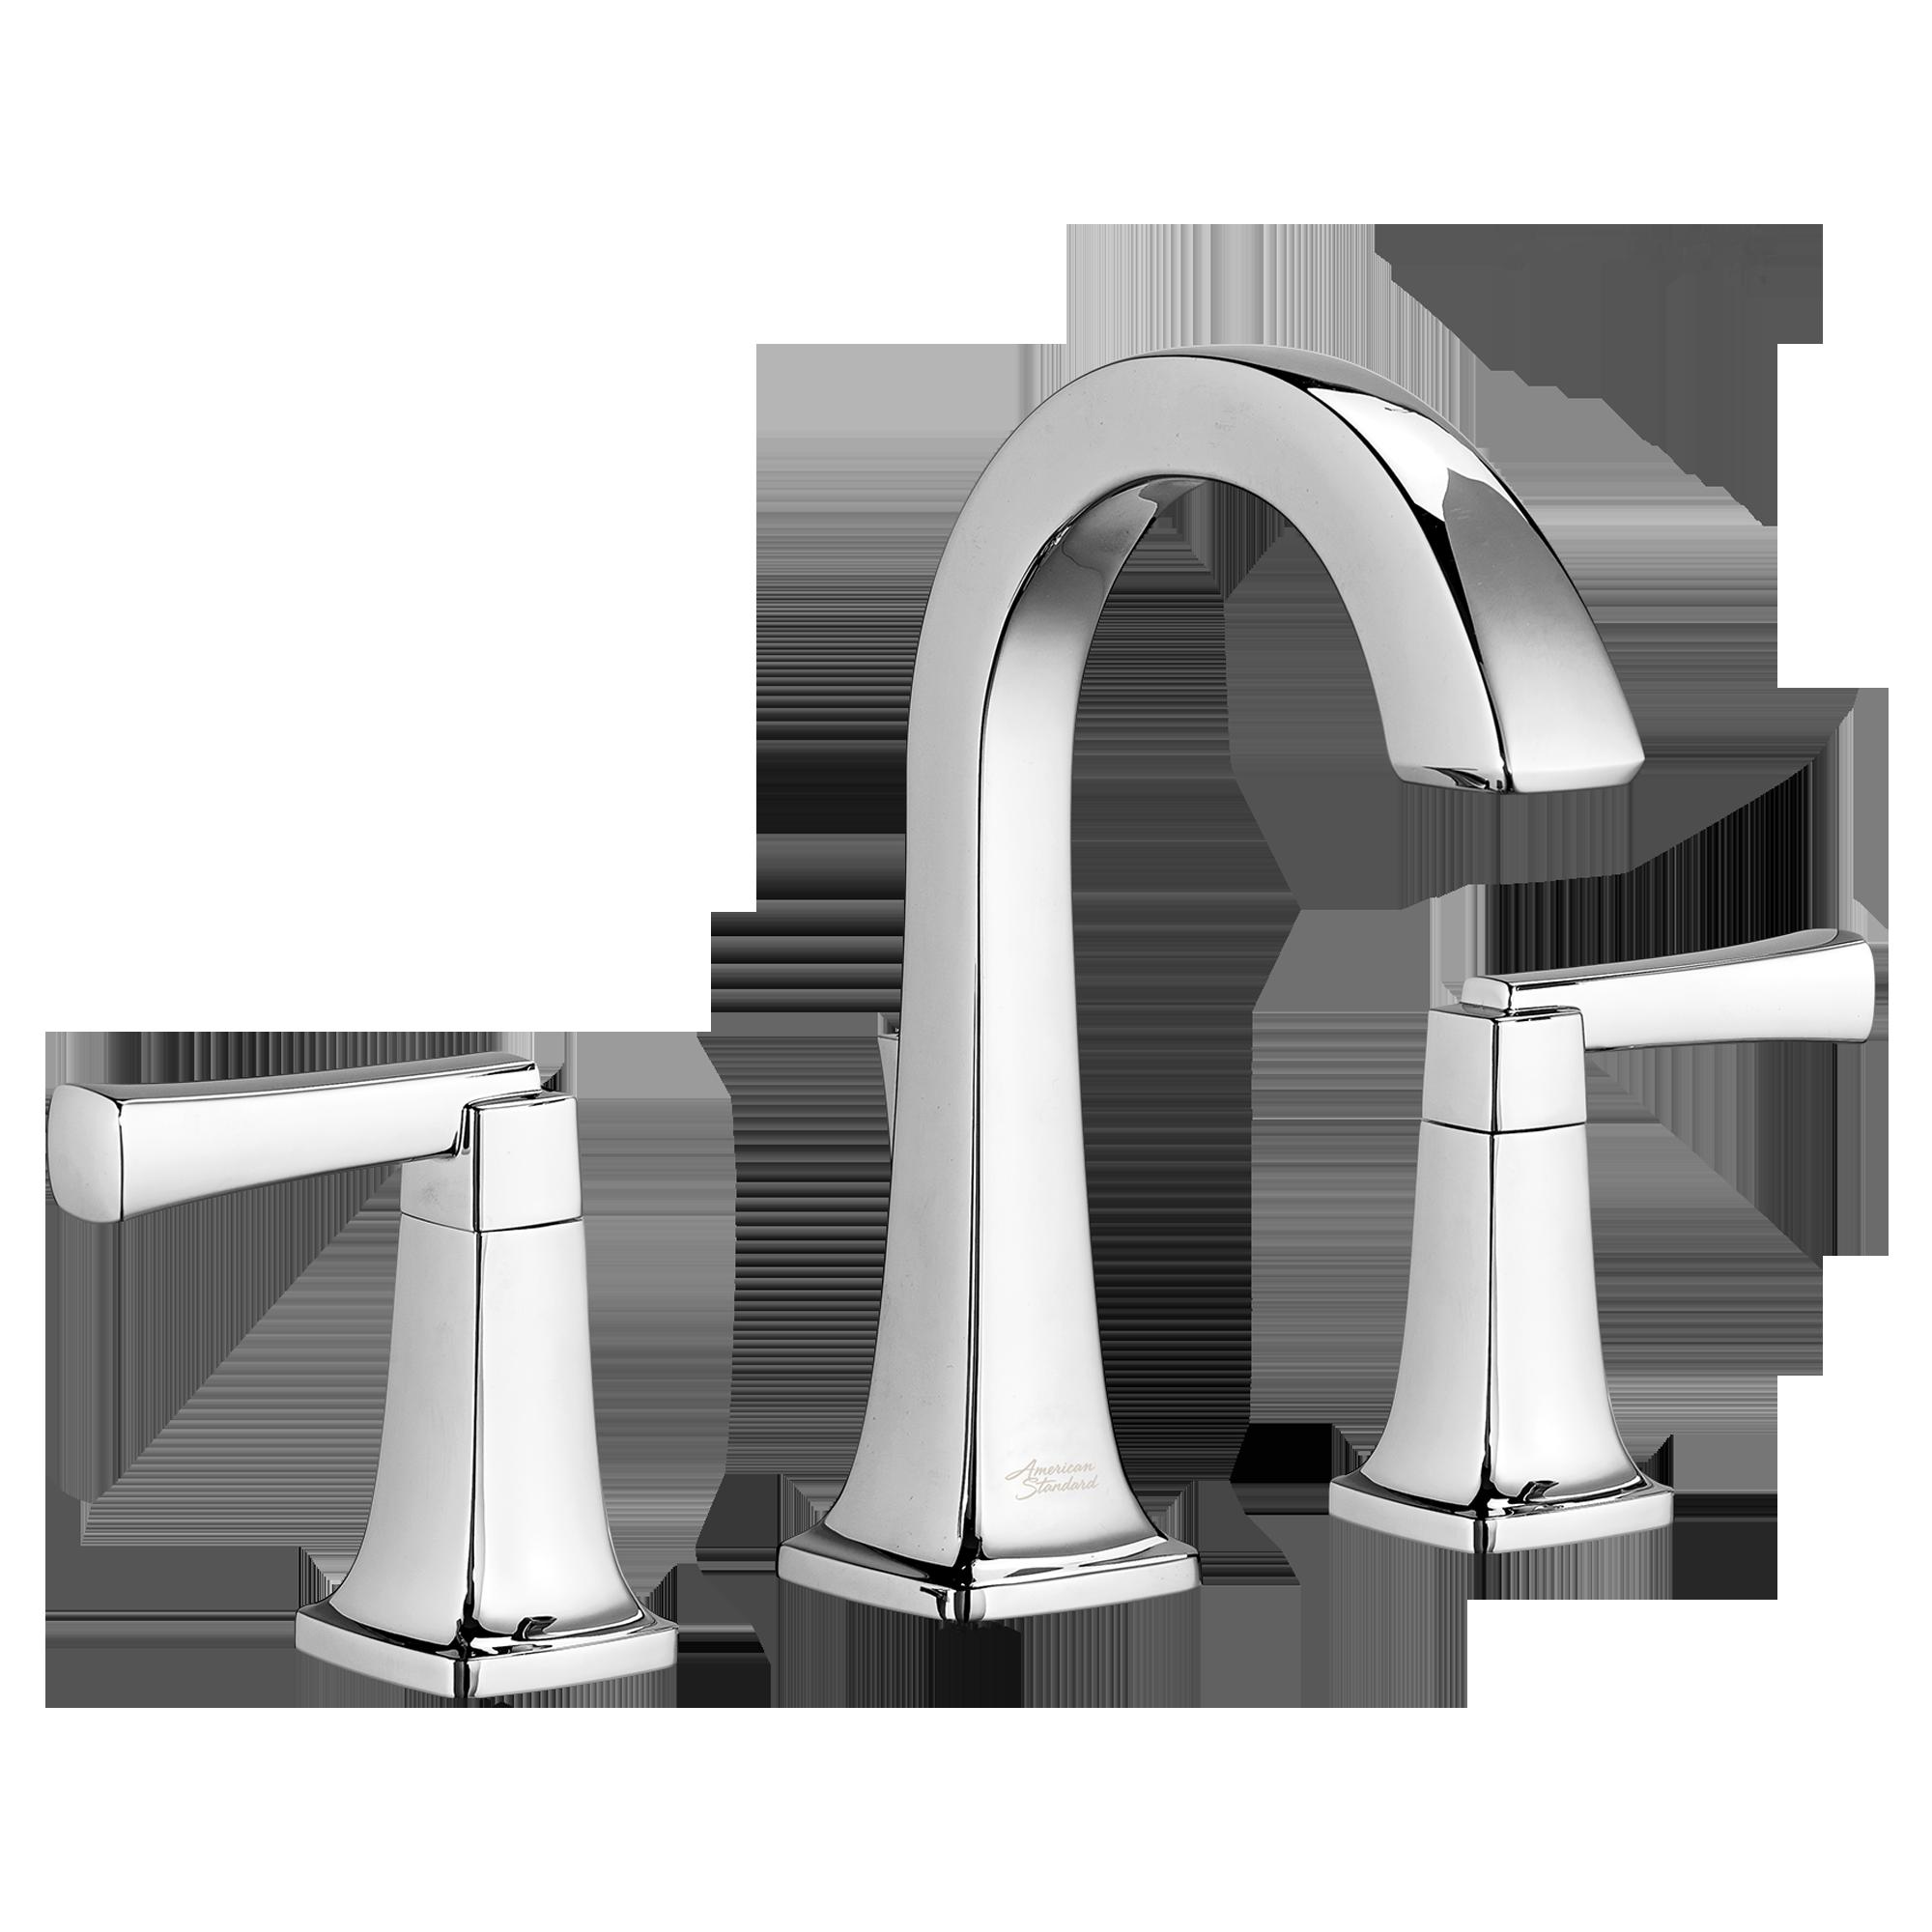 faucet clipart bath sink